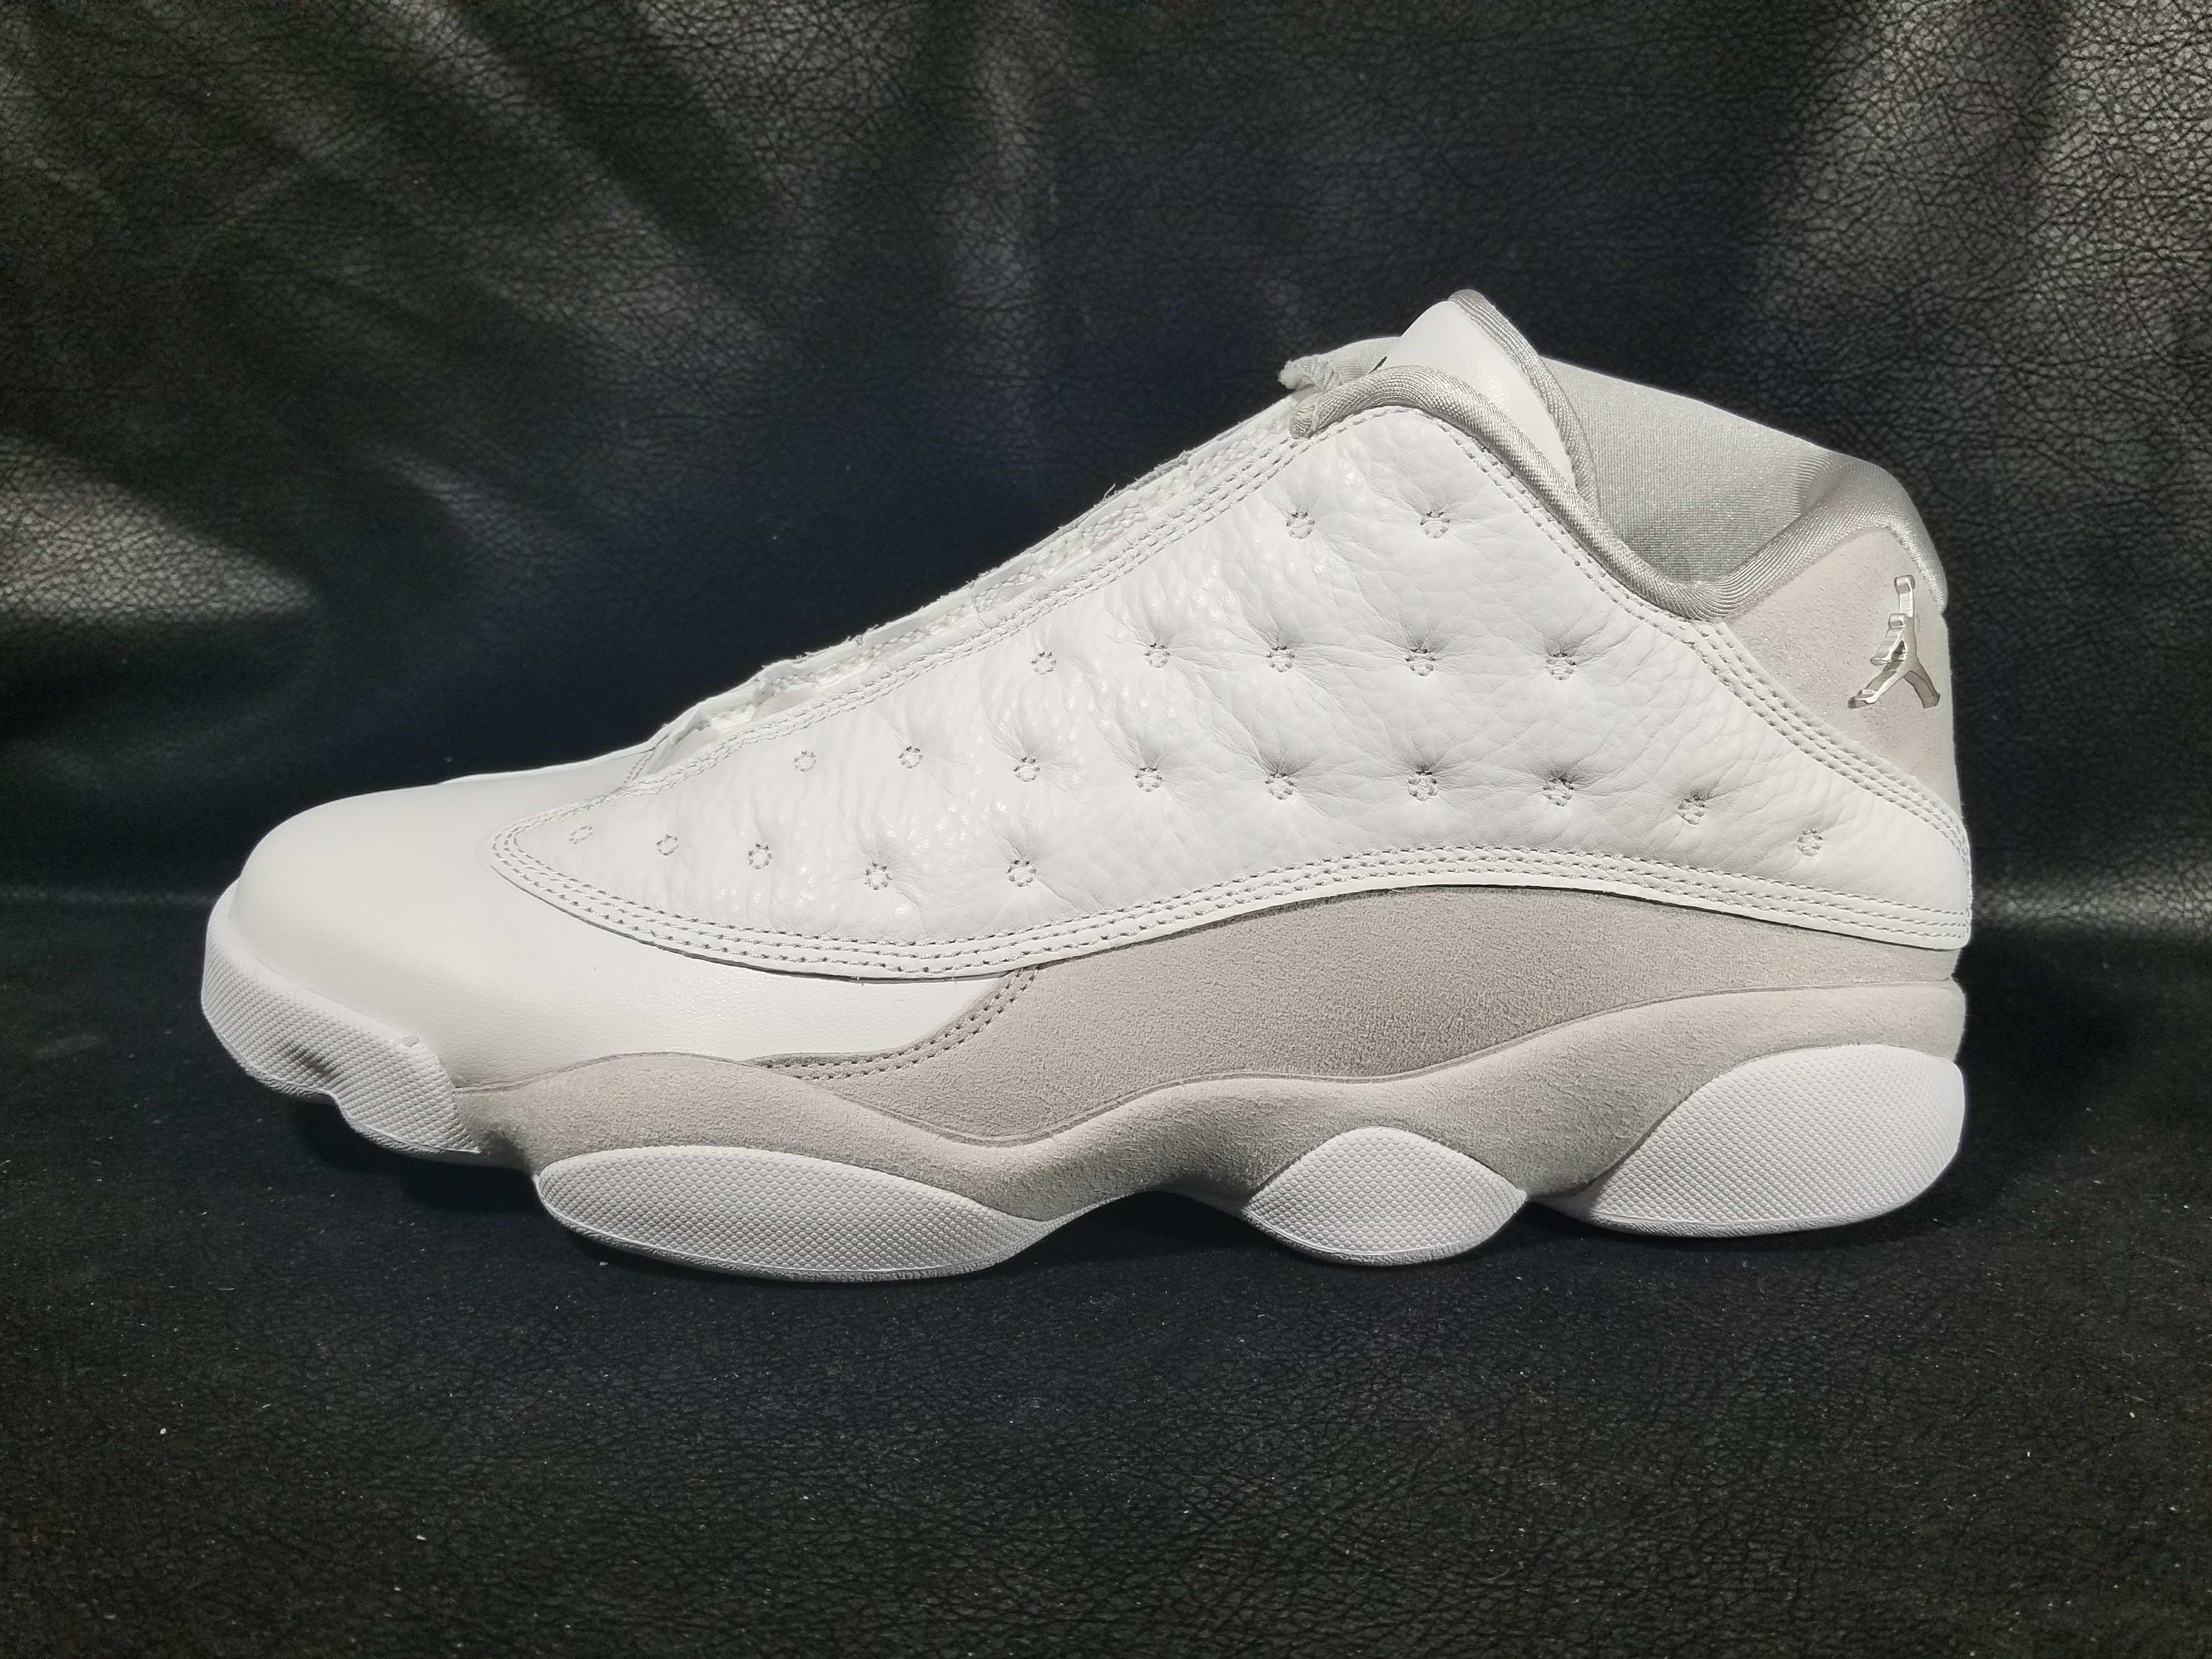 super popular 284a7 e068c ... retro low pure money xiii aj13 men sneakers new discount code for air  jordan 13 xiii 15b8a b2be0 ...